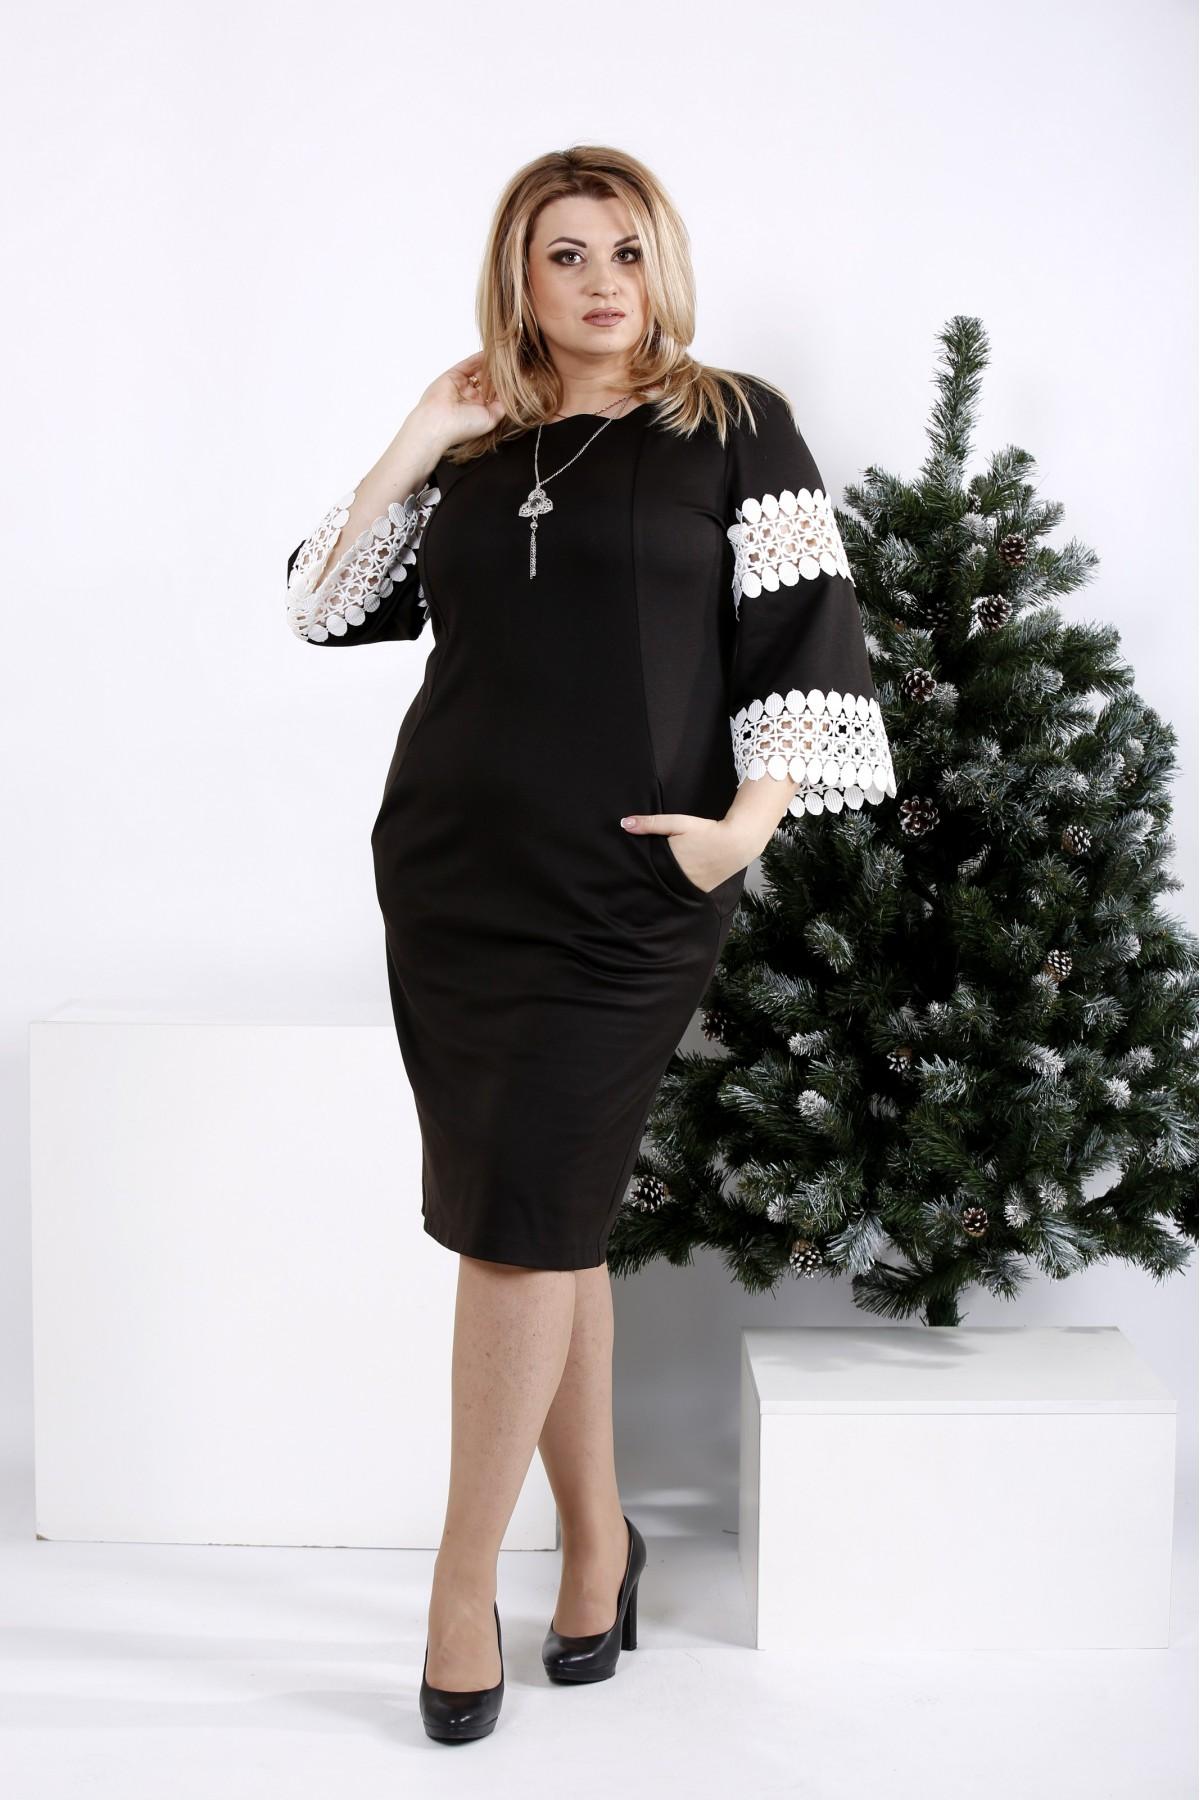 Купити Чорна сукня з білим мереживом  97a5bbf7a19ed